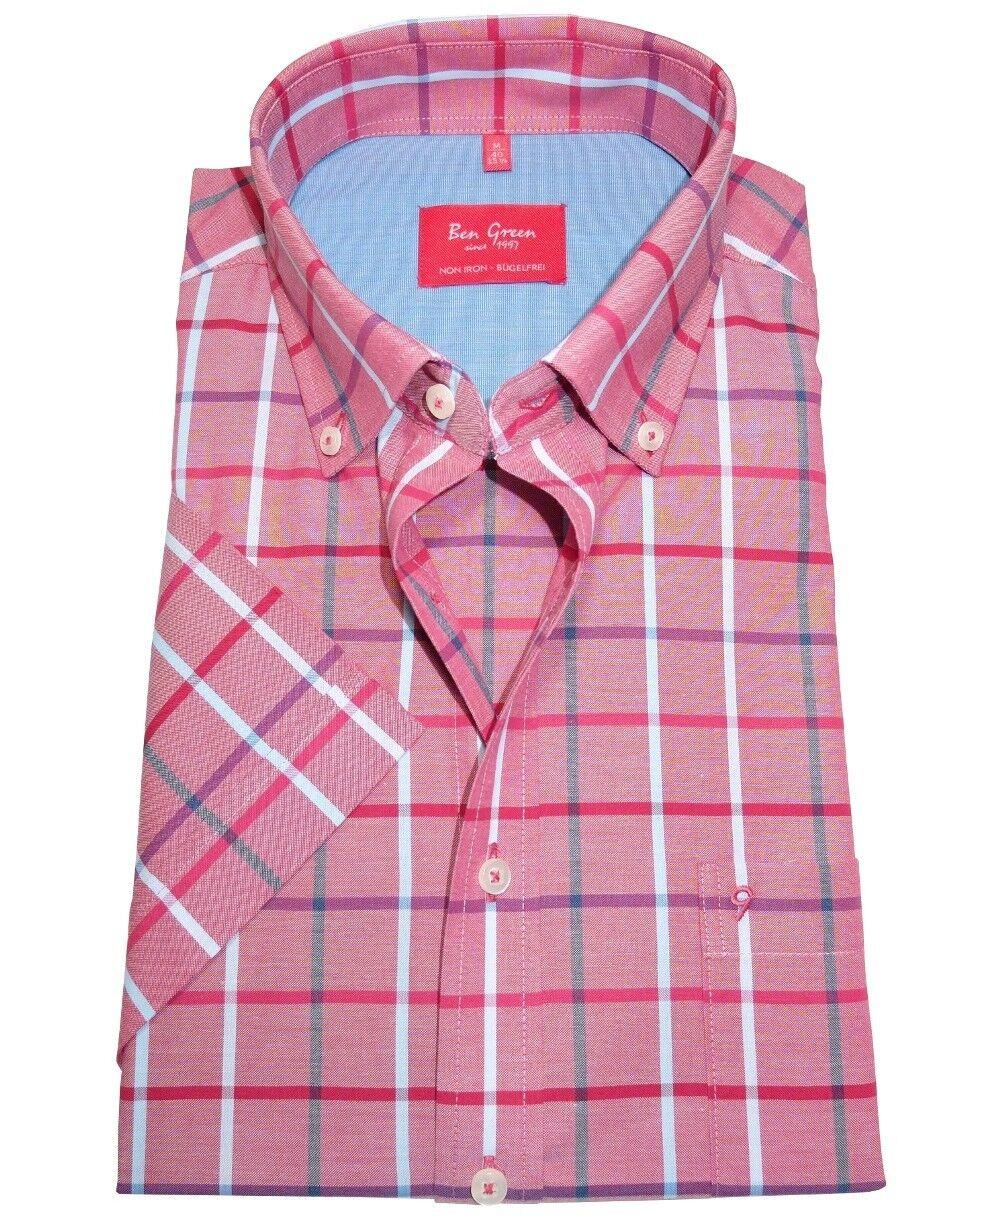 Ben Grün rotline Regular Fit Kurzarm KARO rot beere blau Gr. 40 - 48 bügelfrei | Reparieren  | Shop  | Verschiedene Arten Und Die Styles